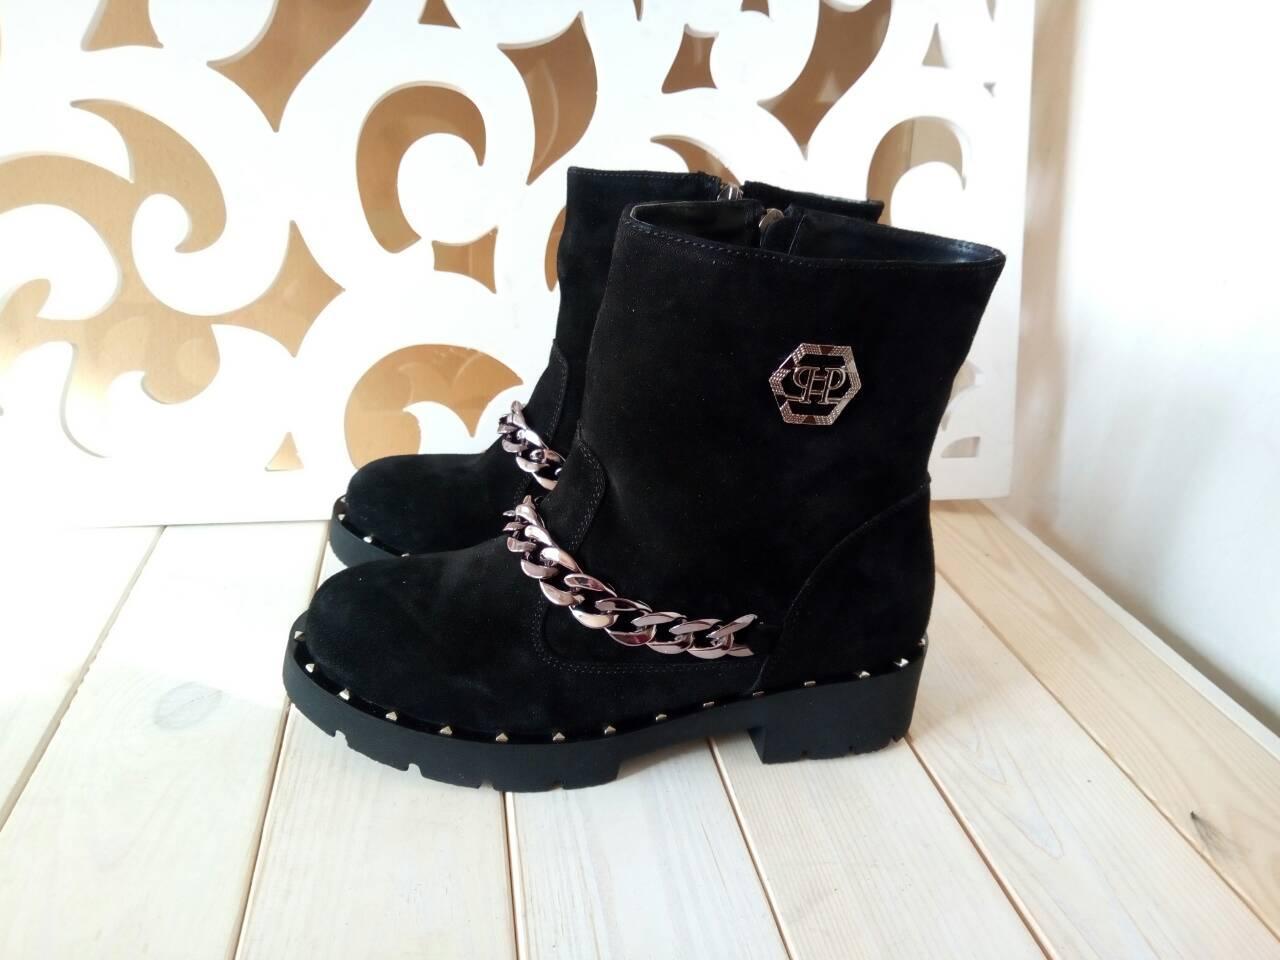 Ботинки Philipp Plein женские зимние цепь реплика замша чёрная стильные  сапожки 25d427dff4f